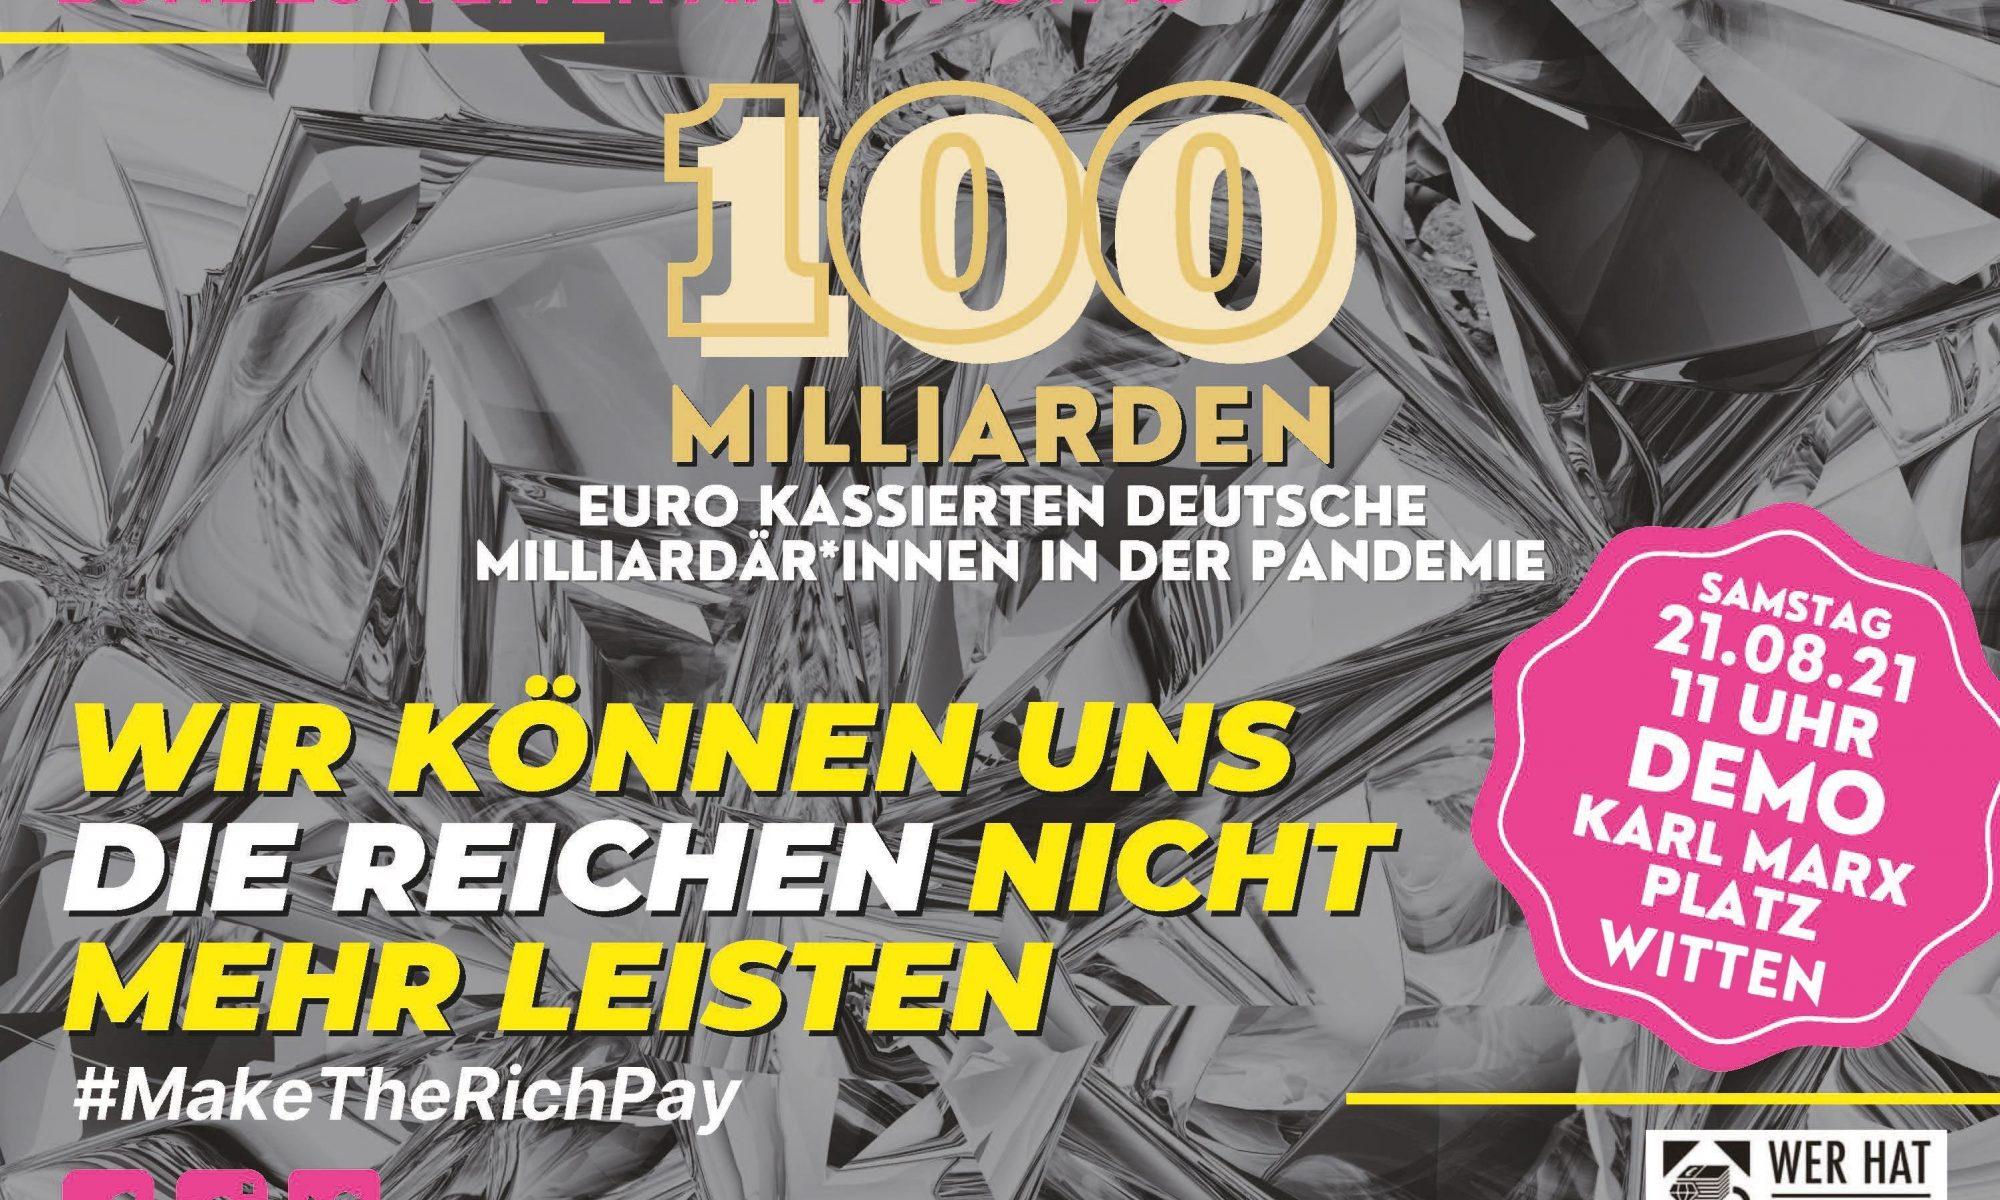 Bundesweiter Aktionstag: 100 Milliarden Euro kassierten Milliardär*innen in der Pandemie. Wir können uns die Reichen nicht mehr leisten. Demo: Samstag, 21. August 2021, 11:00 Uhr, Karl-Marx-Platz, Witten